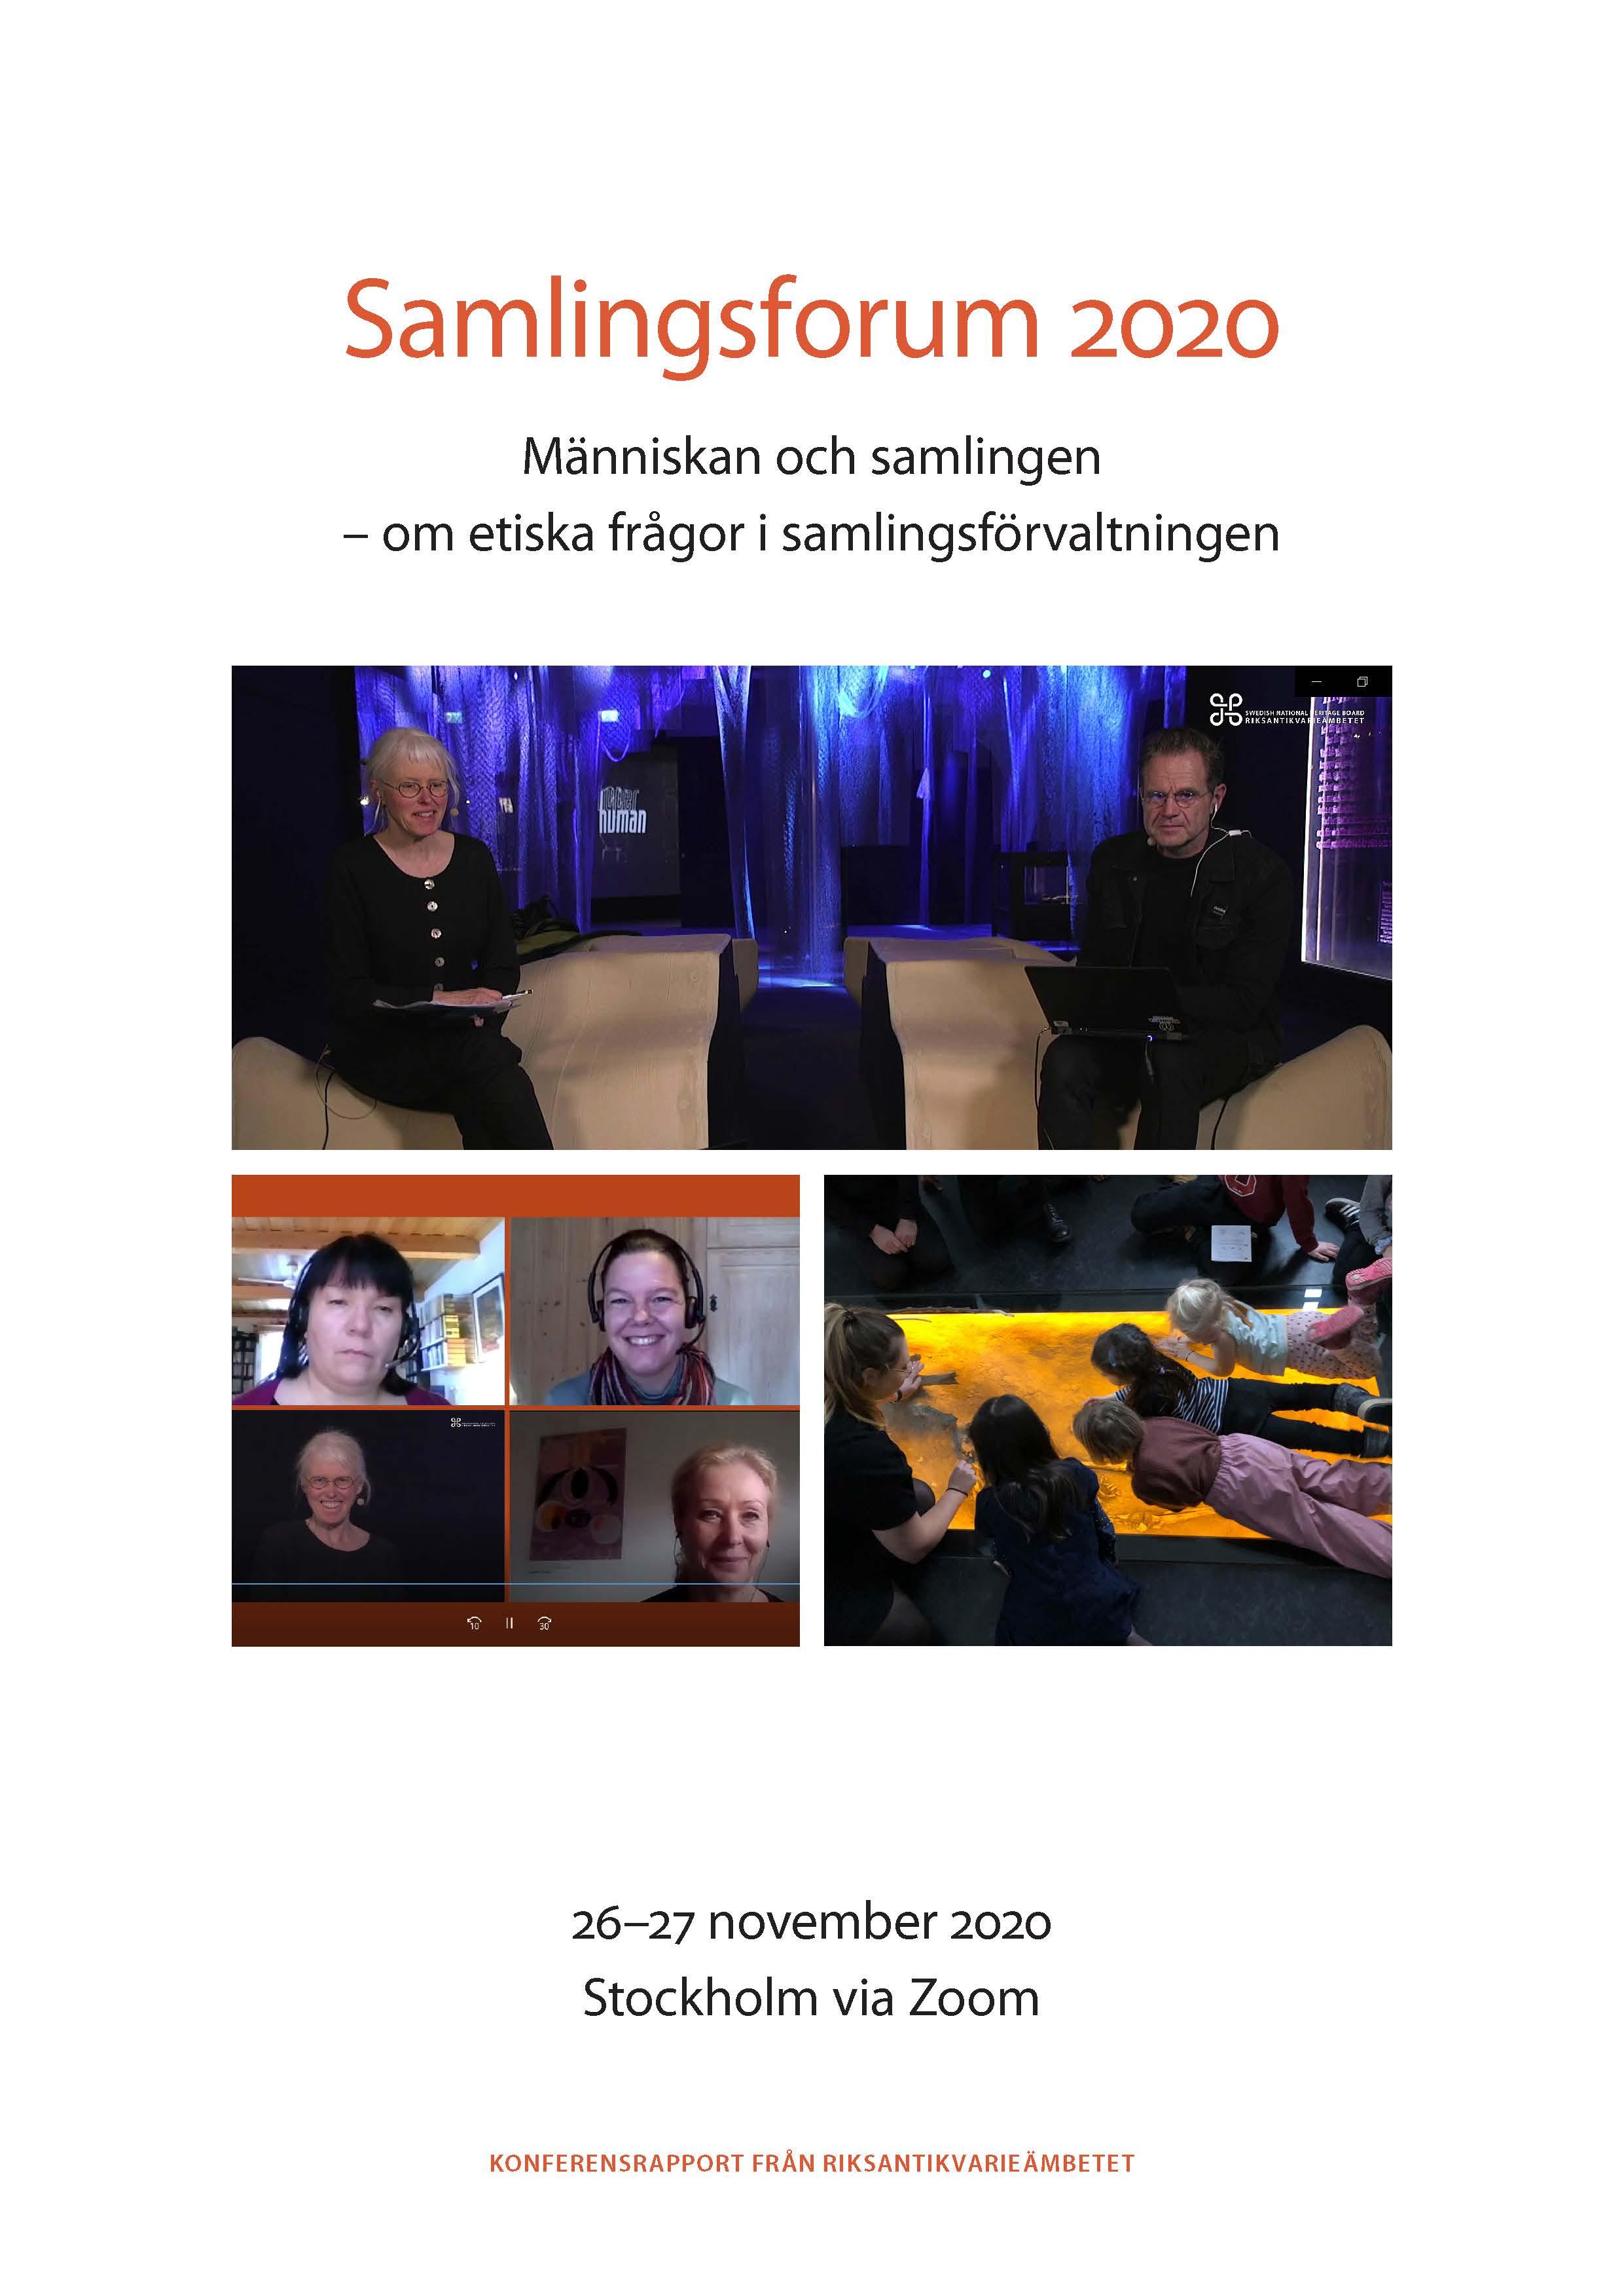 Samlingsforum 2020: människan och samlingen - om etiska frågor i samlingsförvaltningen